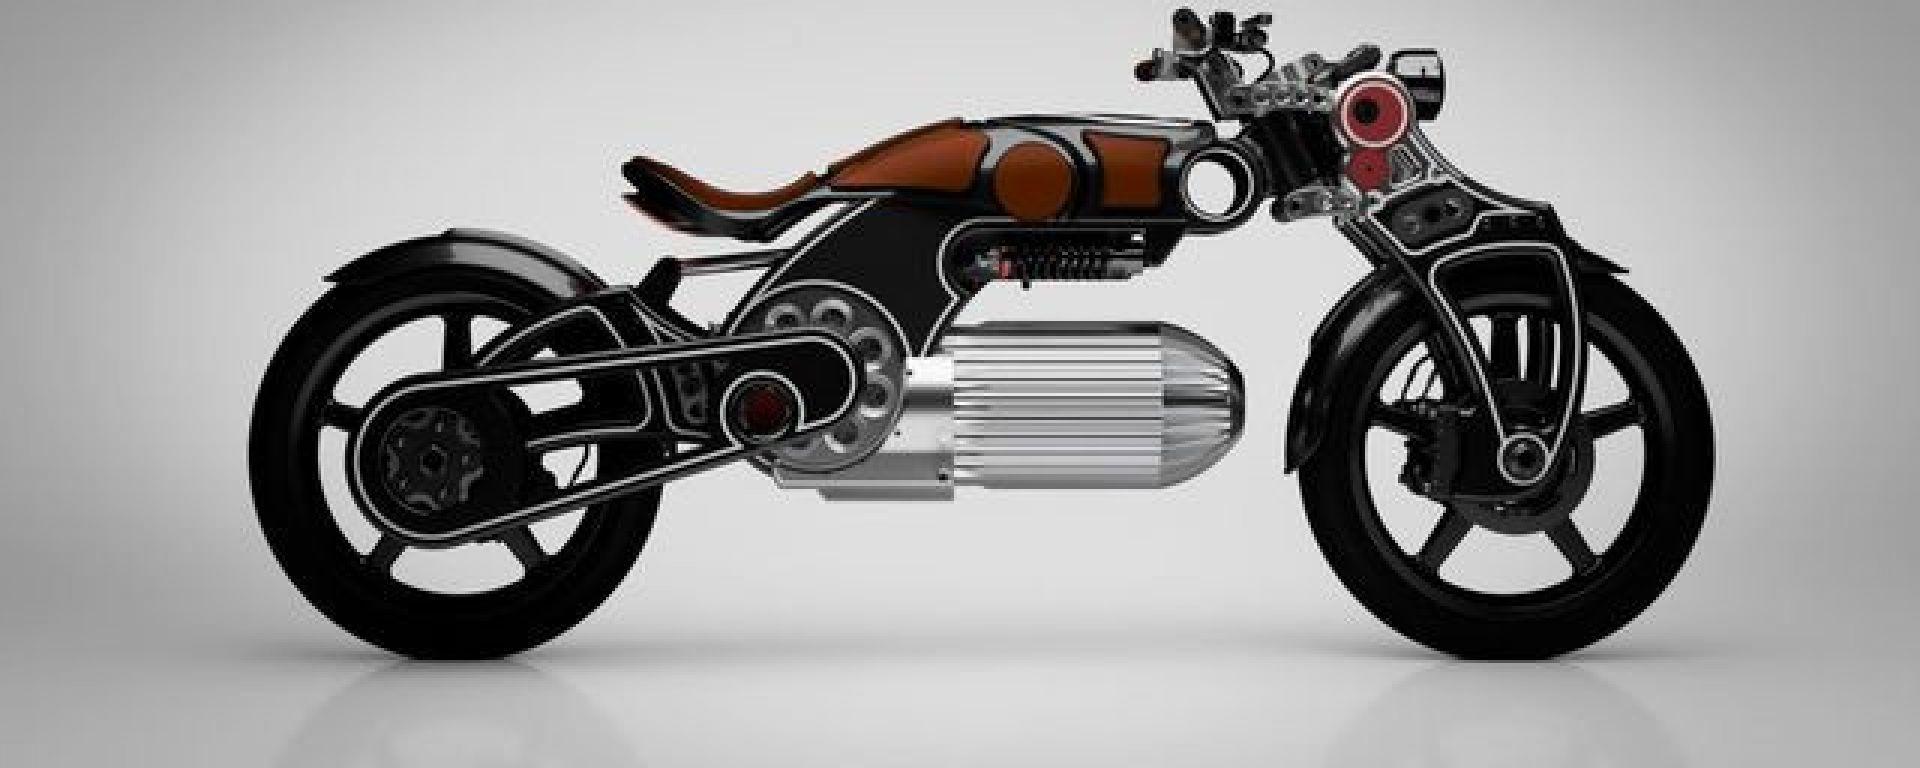 Curtiss Motorcycles Hades: lo stile della moto americana